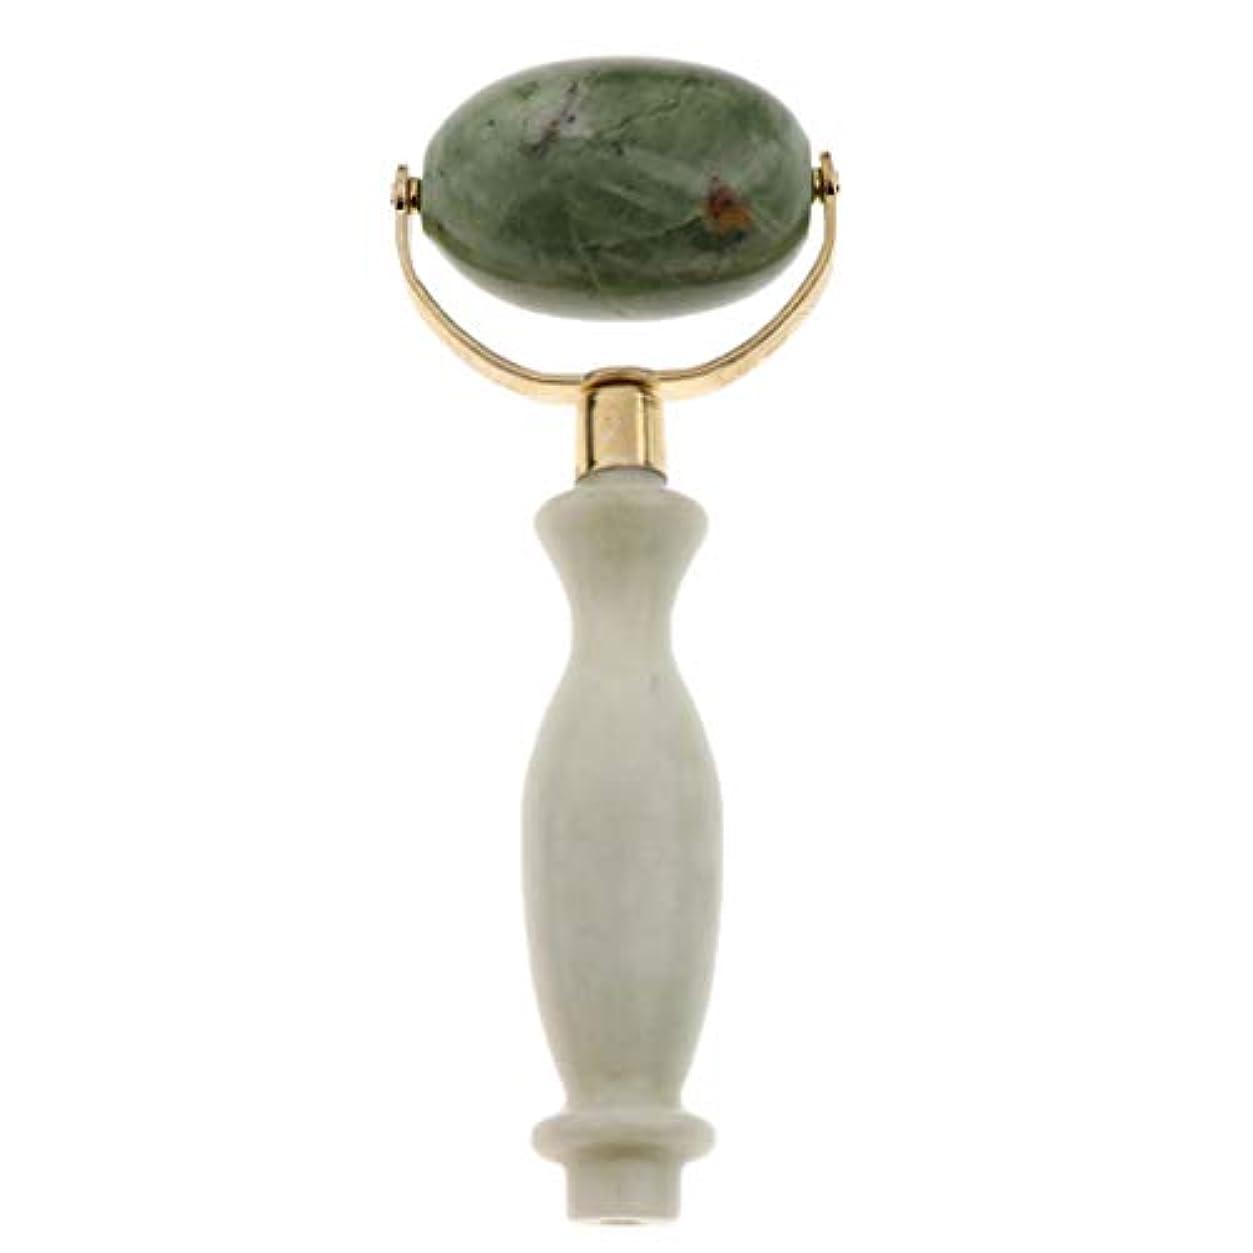 屋内最初アラブ人美容ローラー 美顔ローラー フェイシャル マッサージ 美顔器 美肌 天然 翡翠石 2種選ぶ 健康 - スタイル2